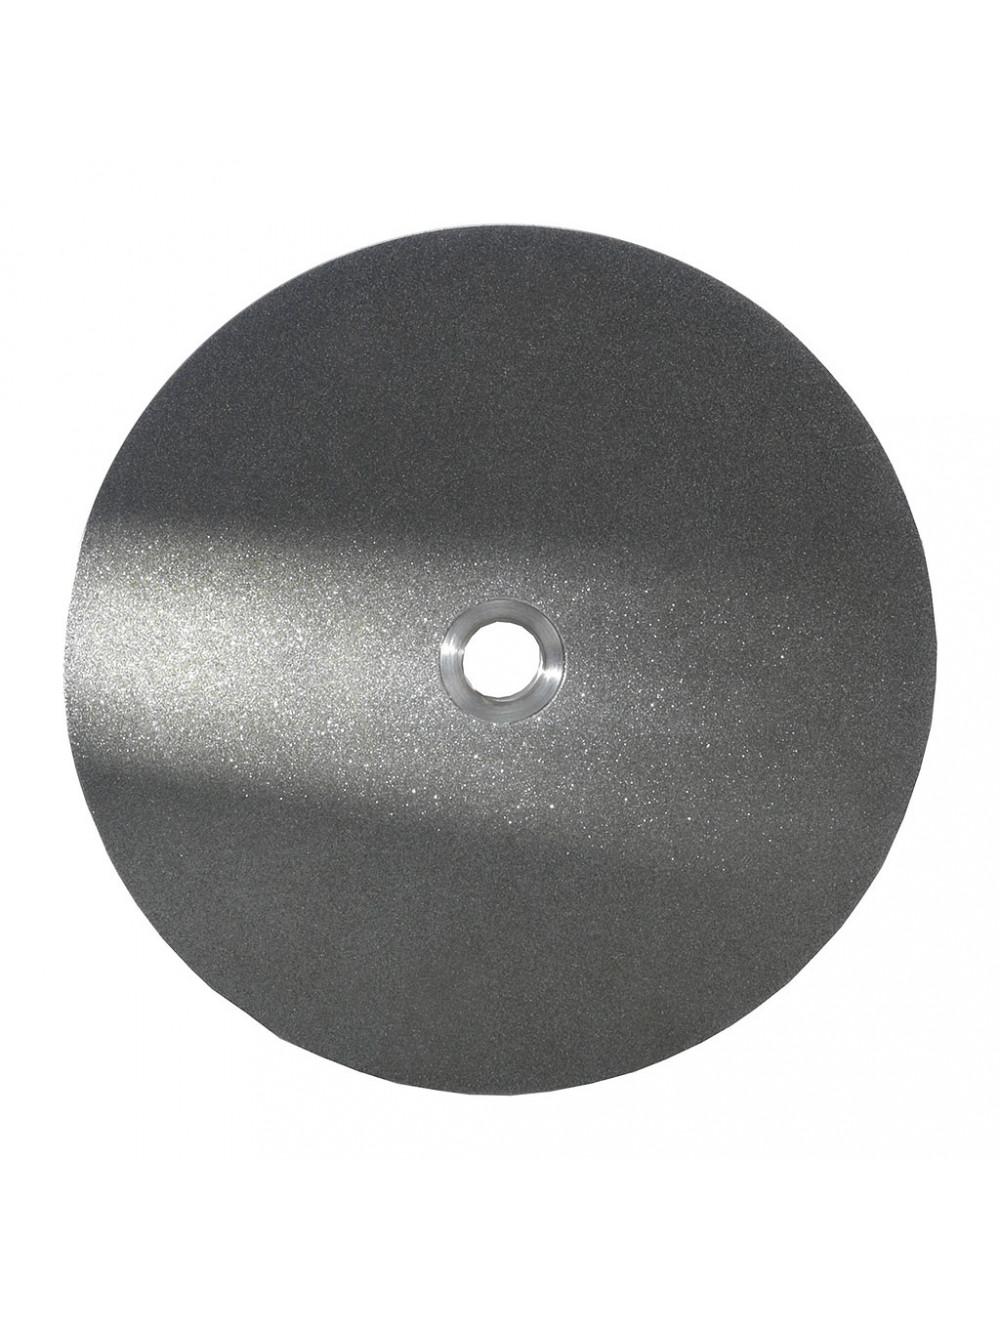 Das Produkt Reitel Volldiamantscheibe, mittel, für ROTOGRIND NT 20302000 aus dem Global-dent online shop.